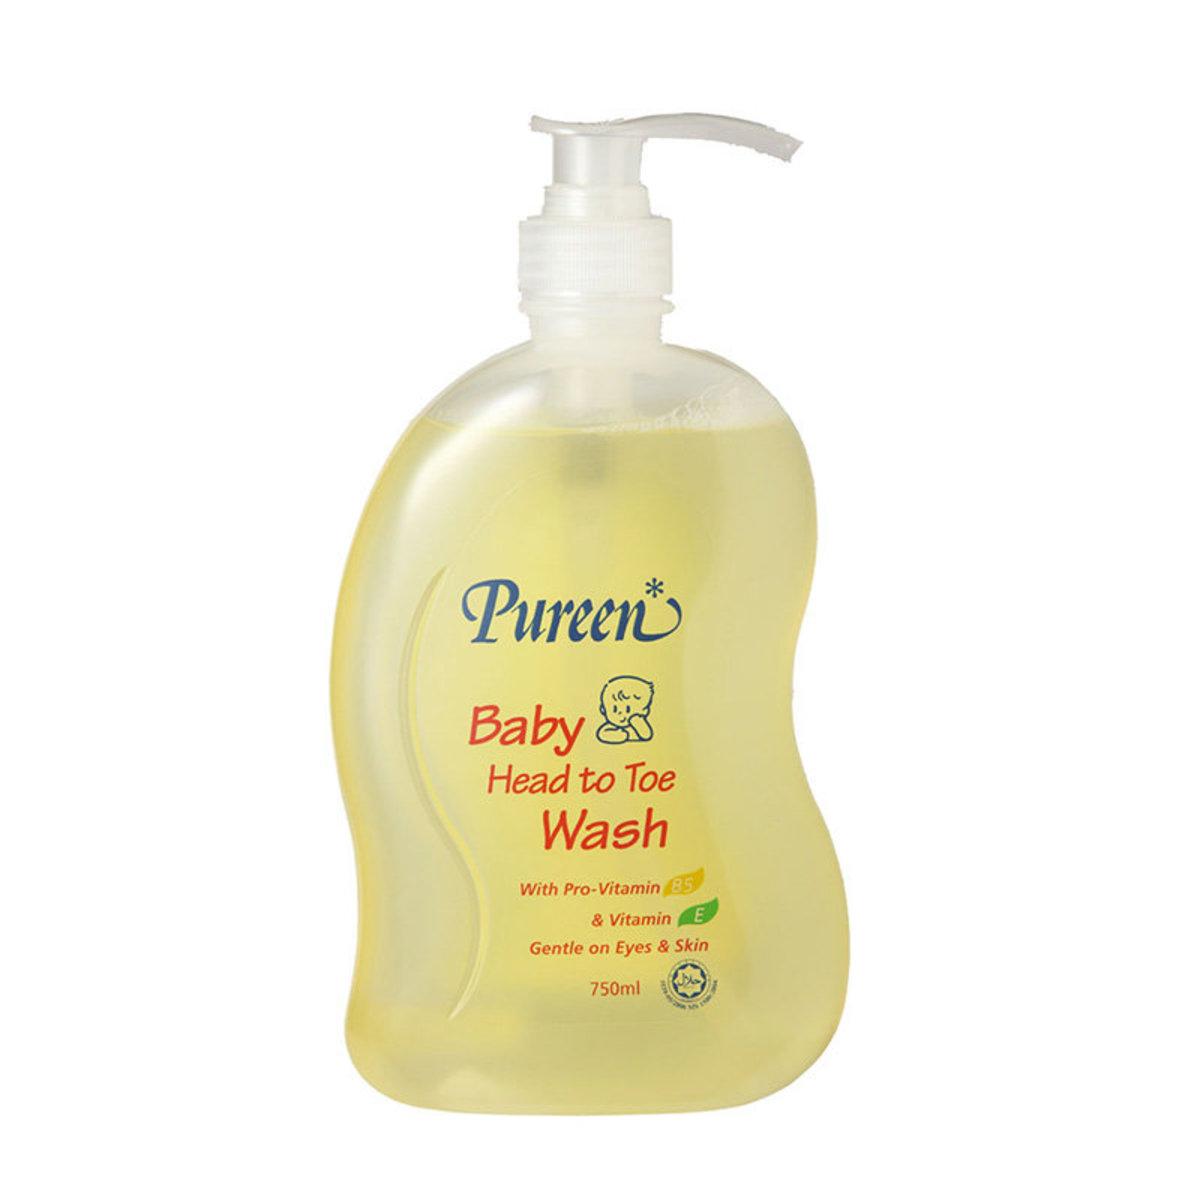 嬰兒洗髮沐浴露-原味 (750ml)